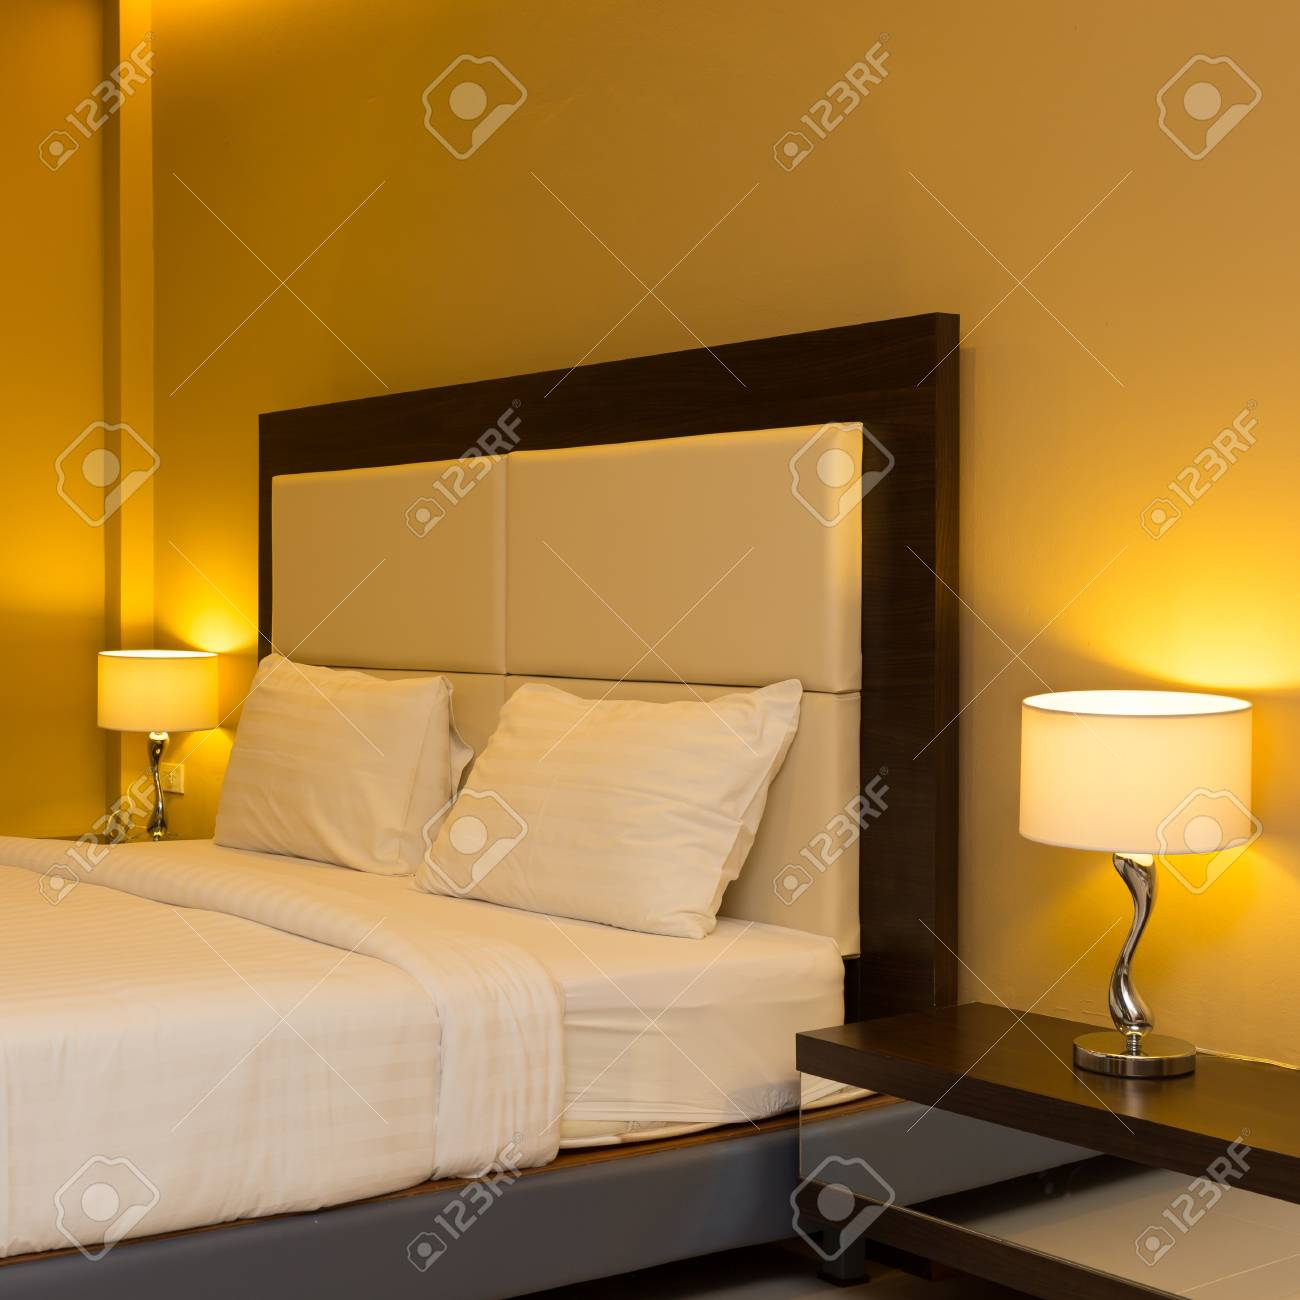 Intérieur Chambre Avec Un Lit Et Une Lampe De Décoration Banque D ...